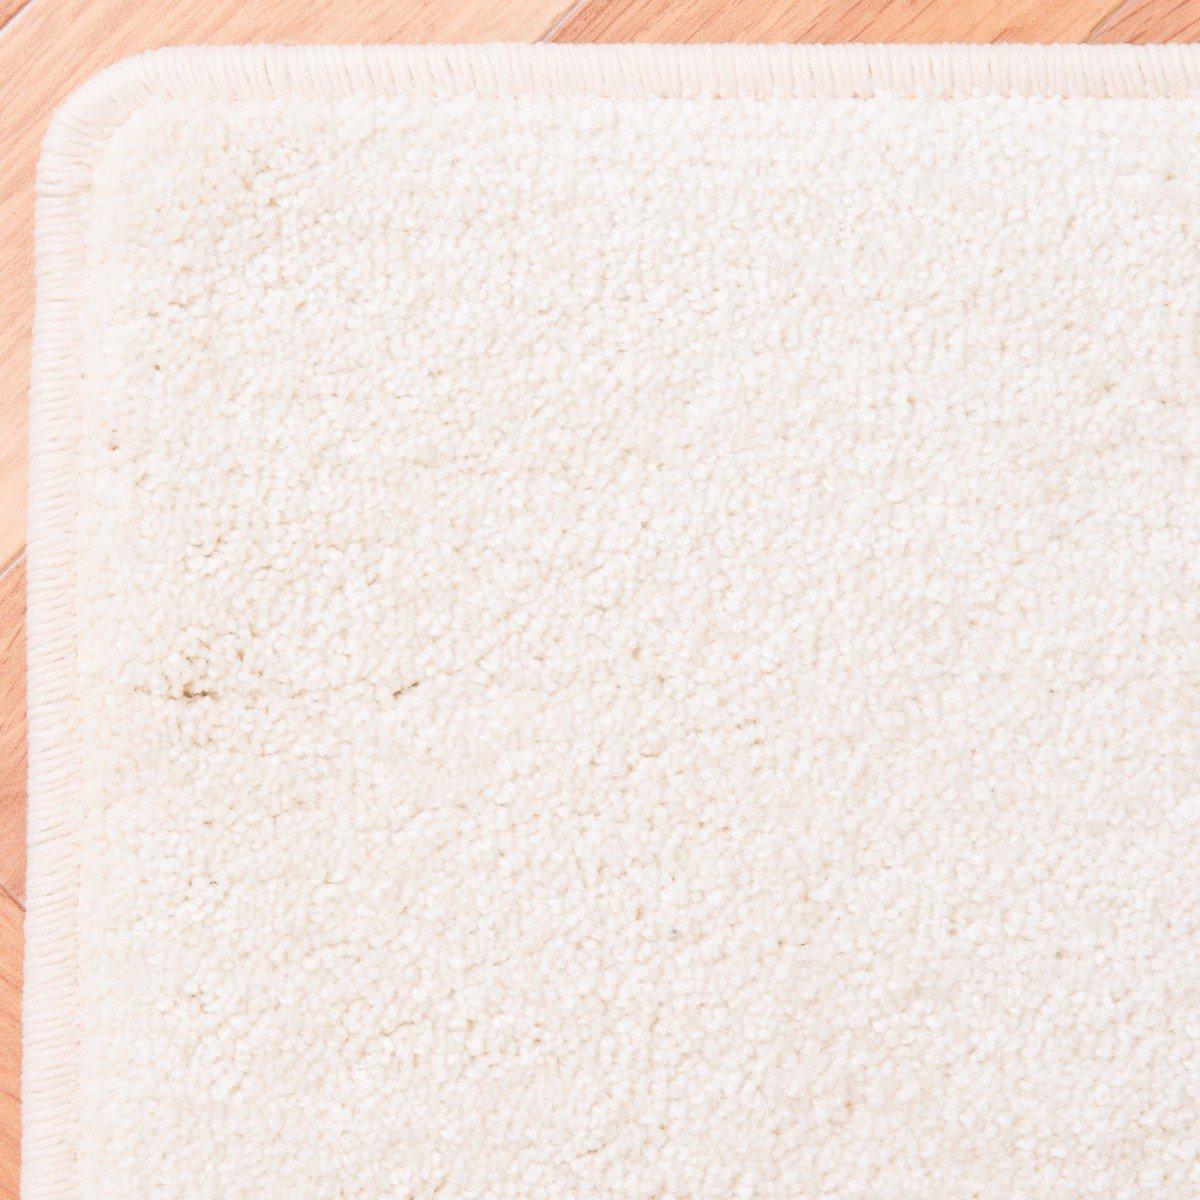 Havatex Velours Velours Velours Teppich Kontor - Farbe wählbar   schadstoffgeprüft pflegeleicht   robust strapazierfähig Wohnzimmer Kinderzimmer Schlafzimmer, Farbe Silber, Größe 80 x 200 cm B00ITA8SD4 Teppiche f7c058